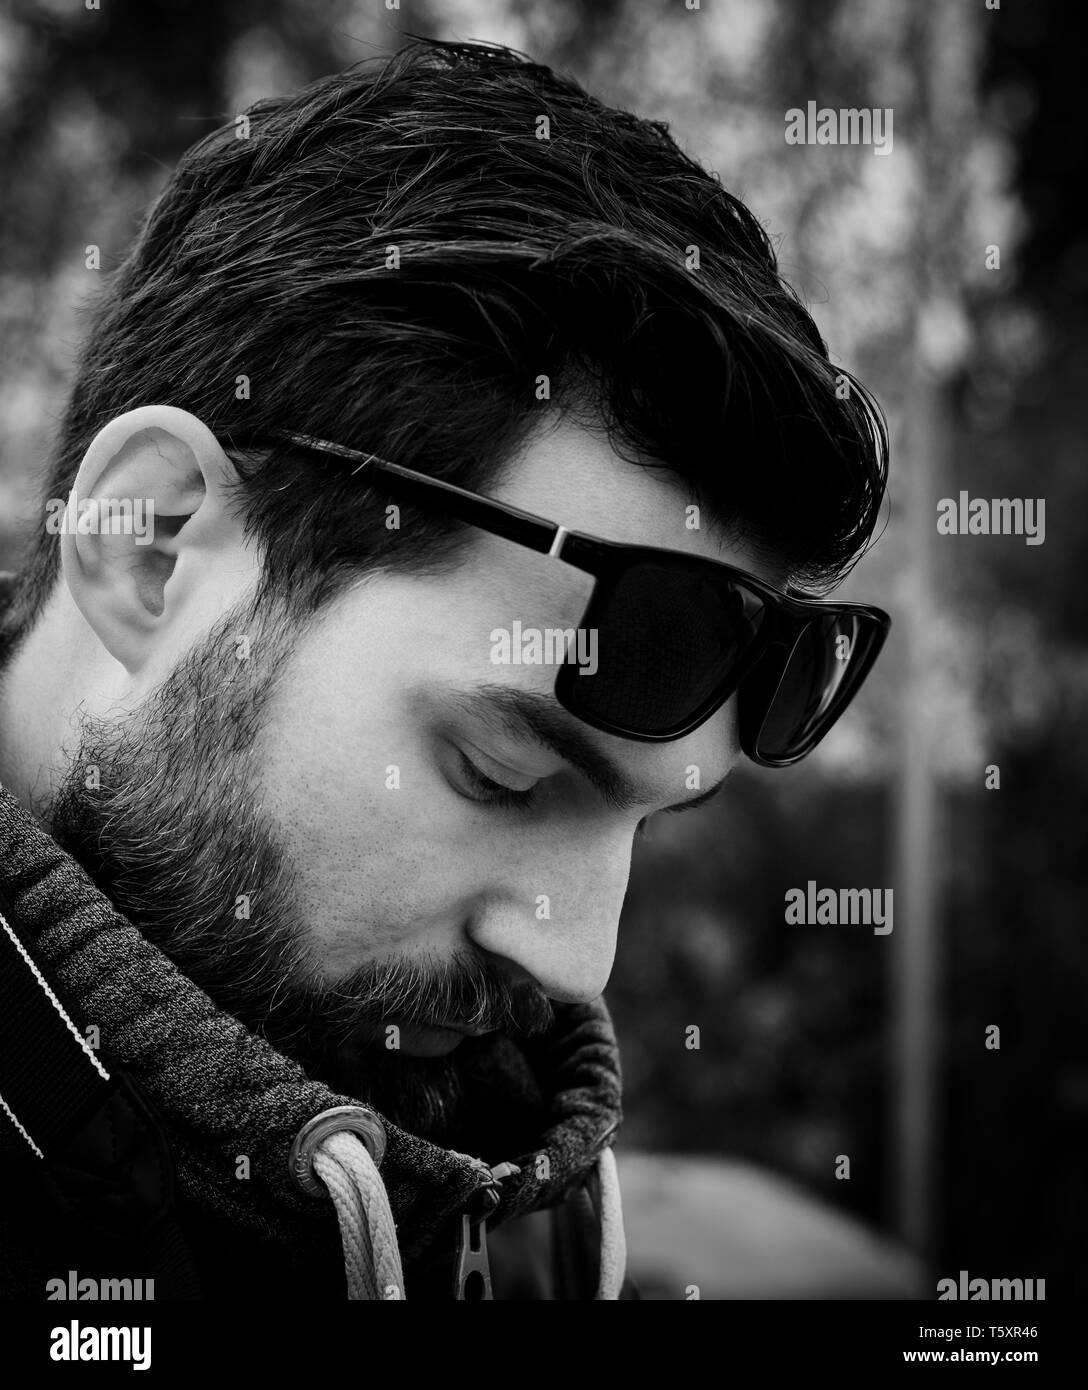 Atractiva joven hombre barbado con cabello oscuro y un jersey en el parque con gafas de sol Foto de stock